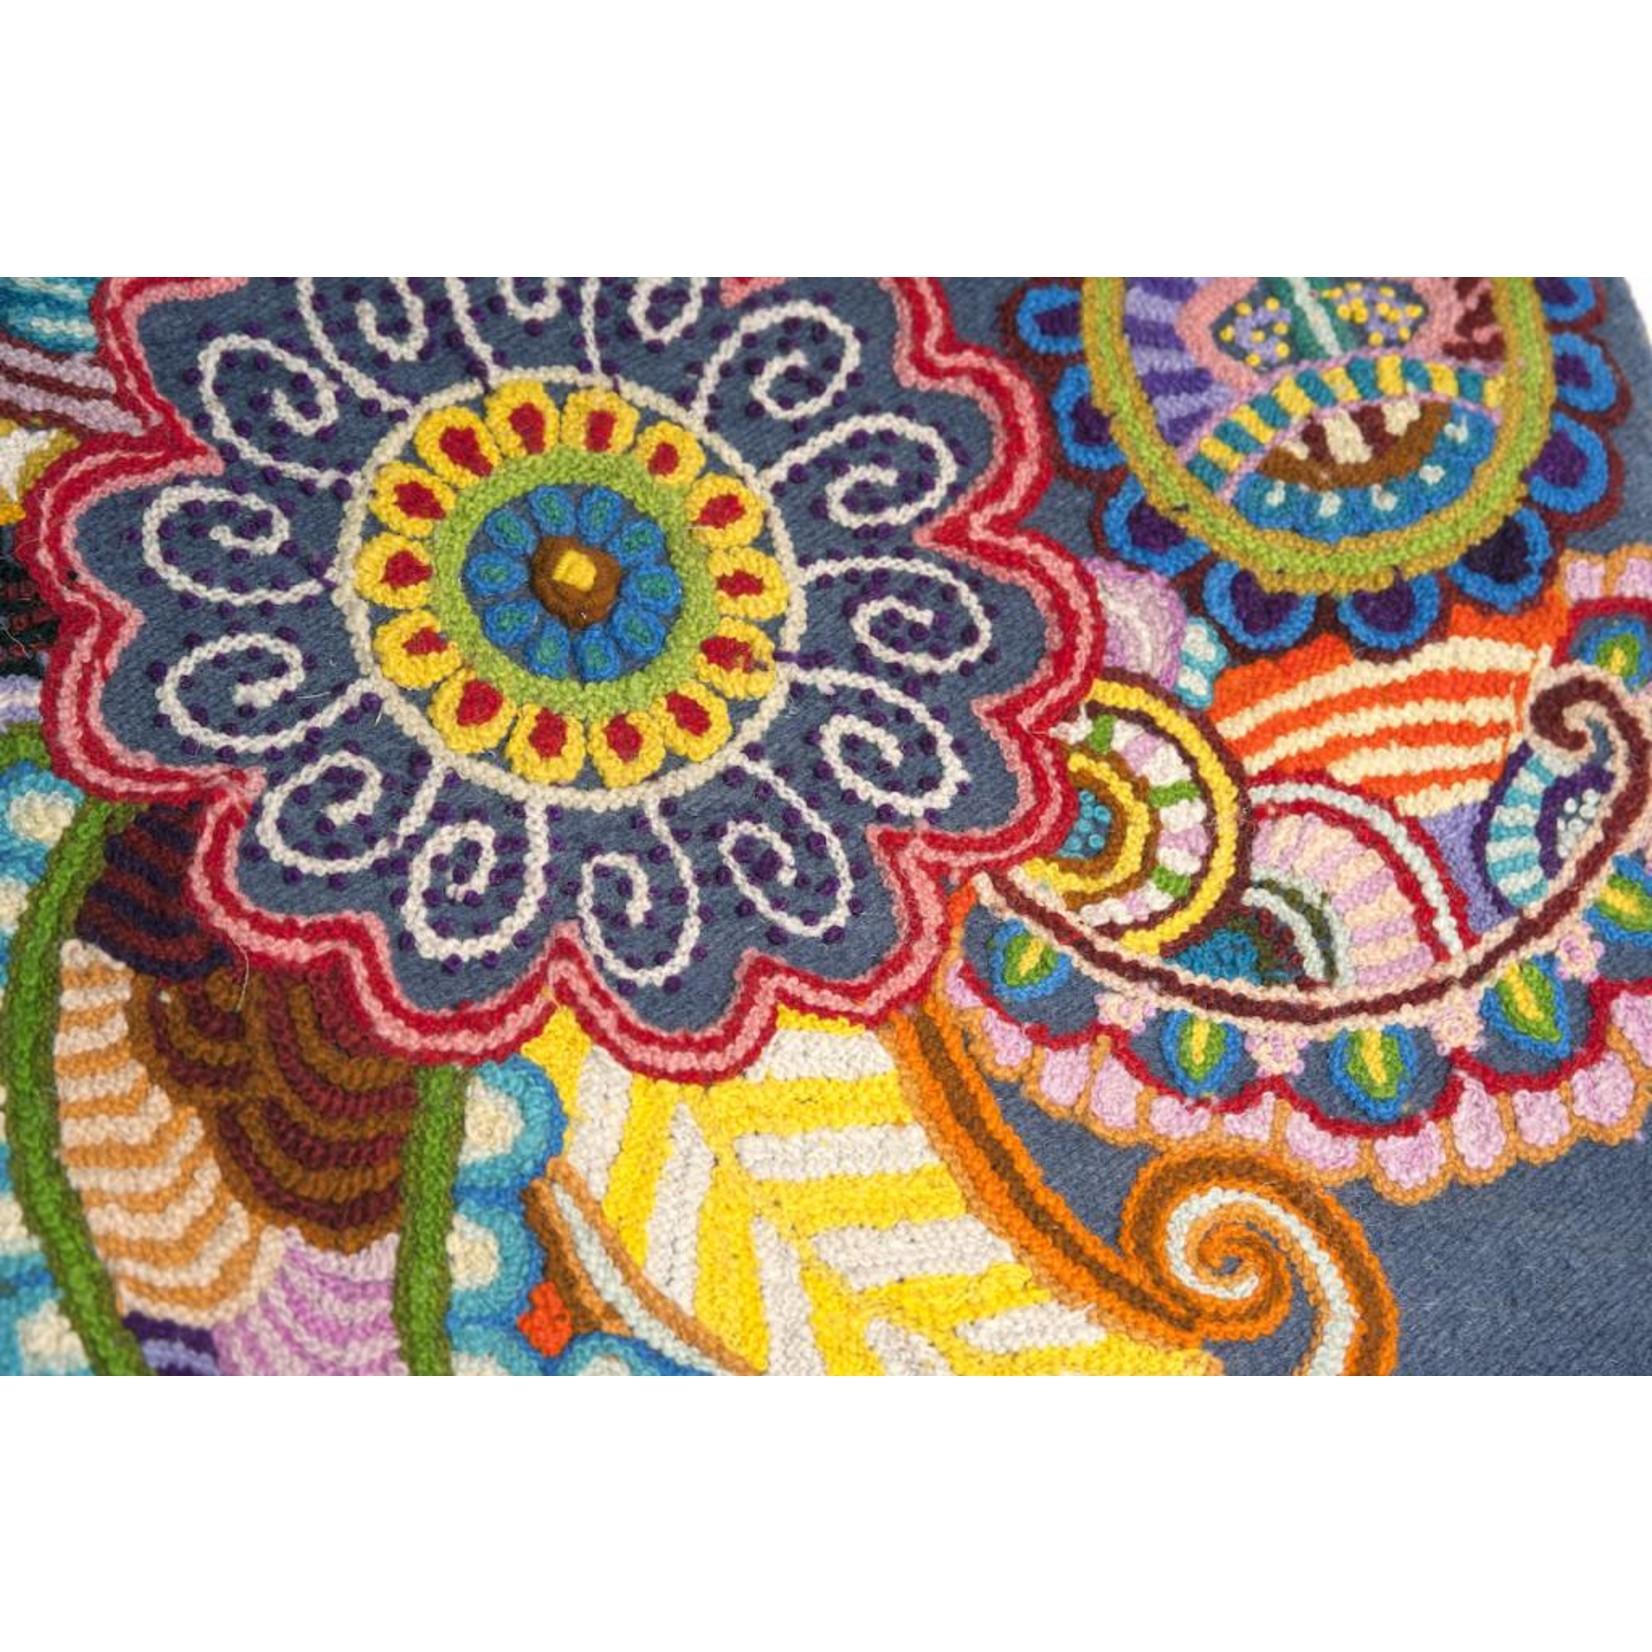 Threads of Peru Handgeweven Kussenovertrekken - 100% wol